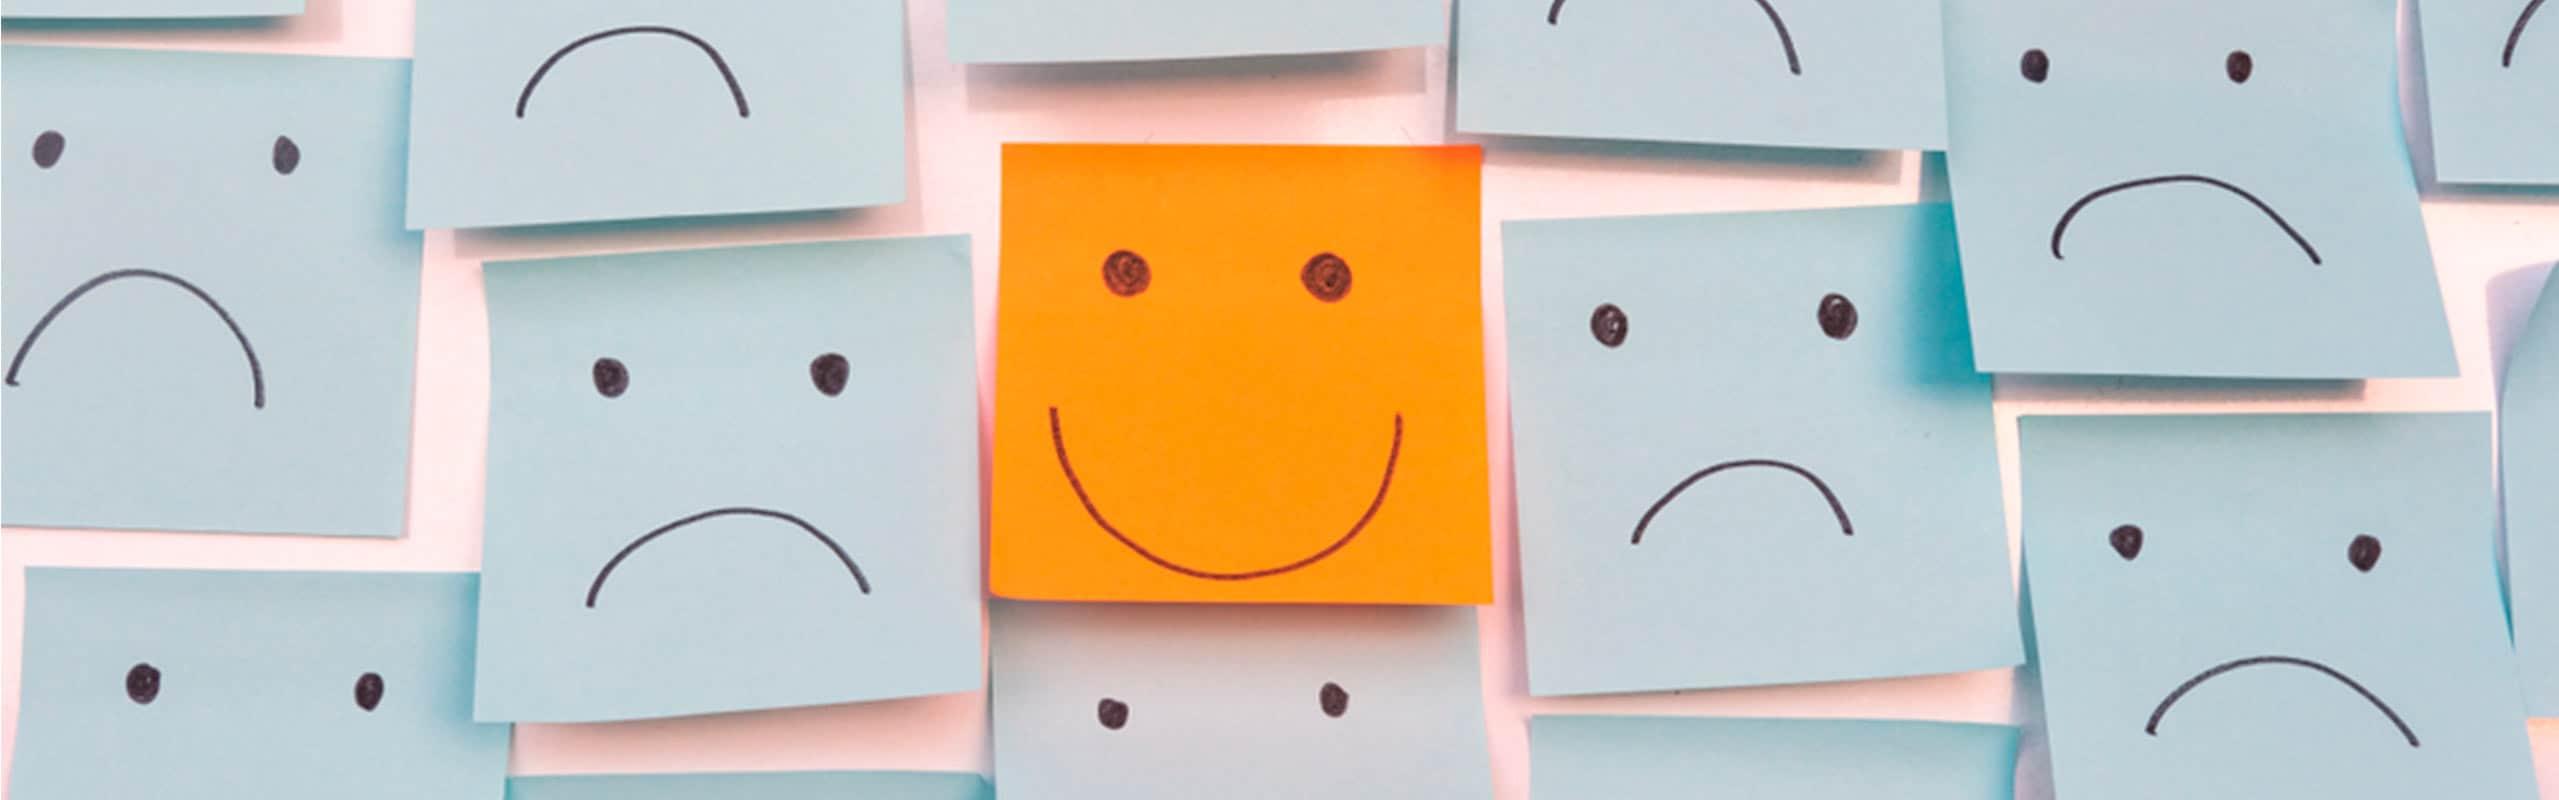 Descubre los beneficios de tener una mentalidad positiva